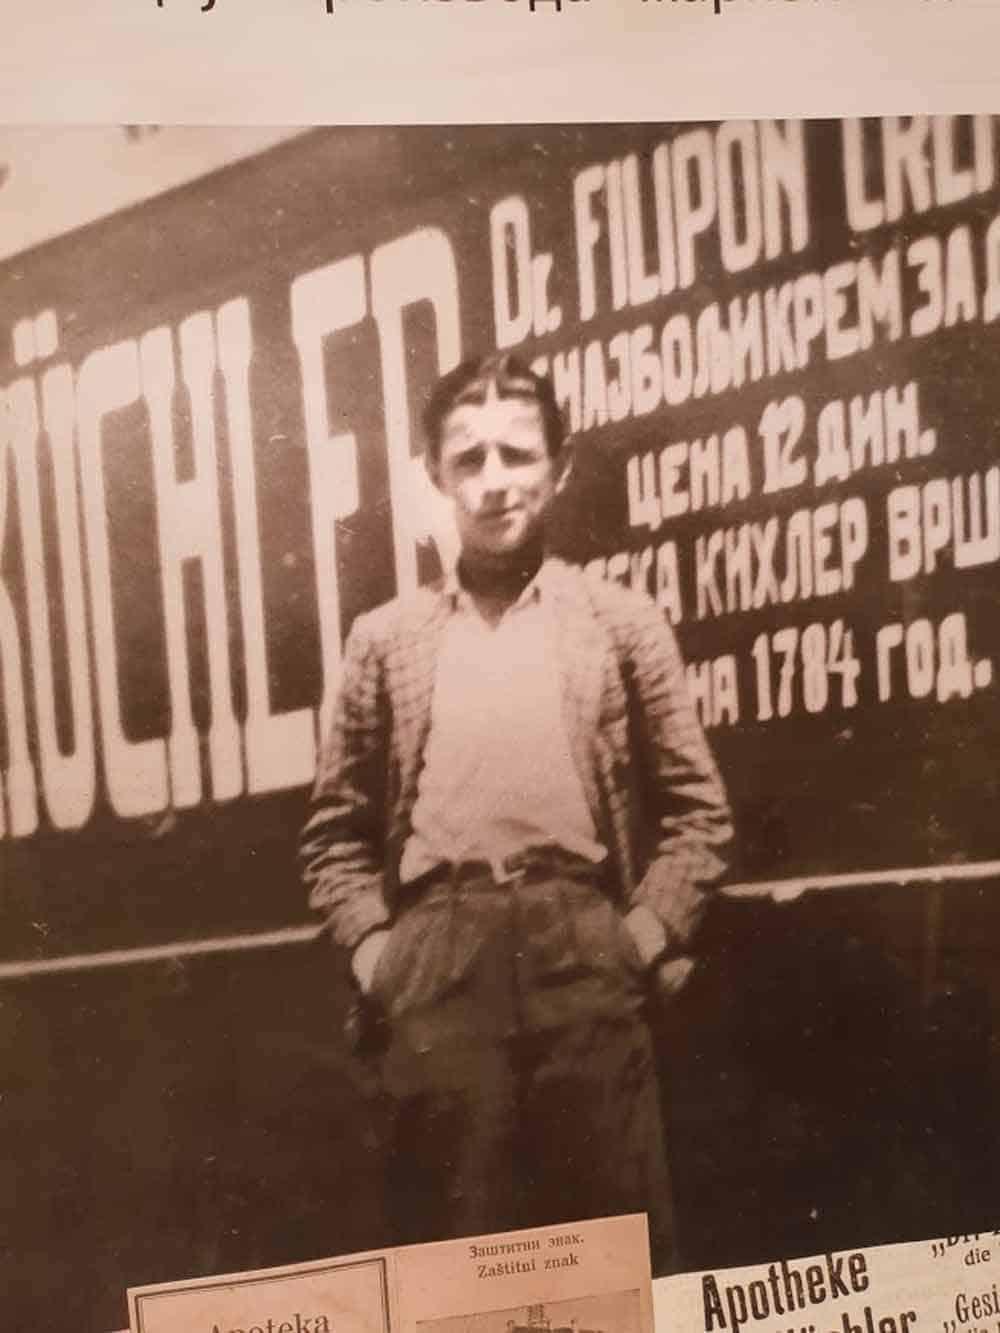 """PIONIR MARKETINGA NA OVIM PROSTORIMA: Bela Kirhler, vlasnik """"Apoteke na stepenicama"""" početkom 20. veka"""